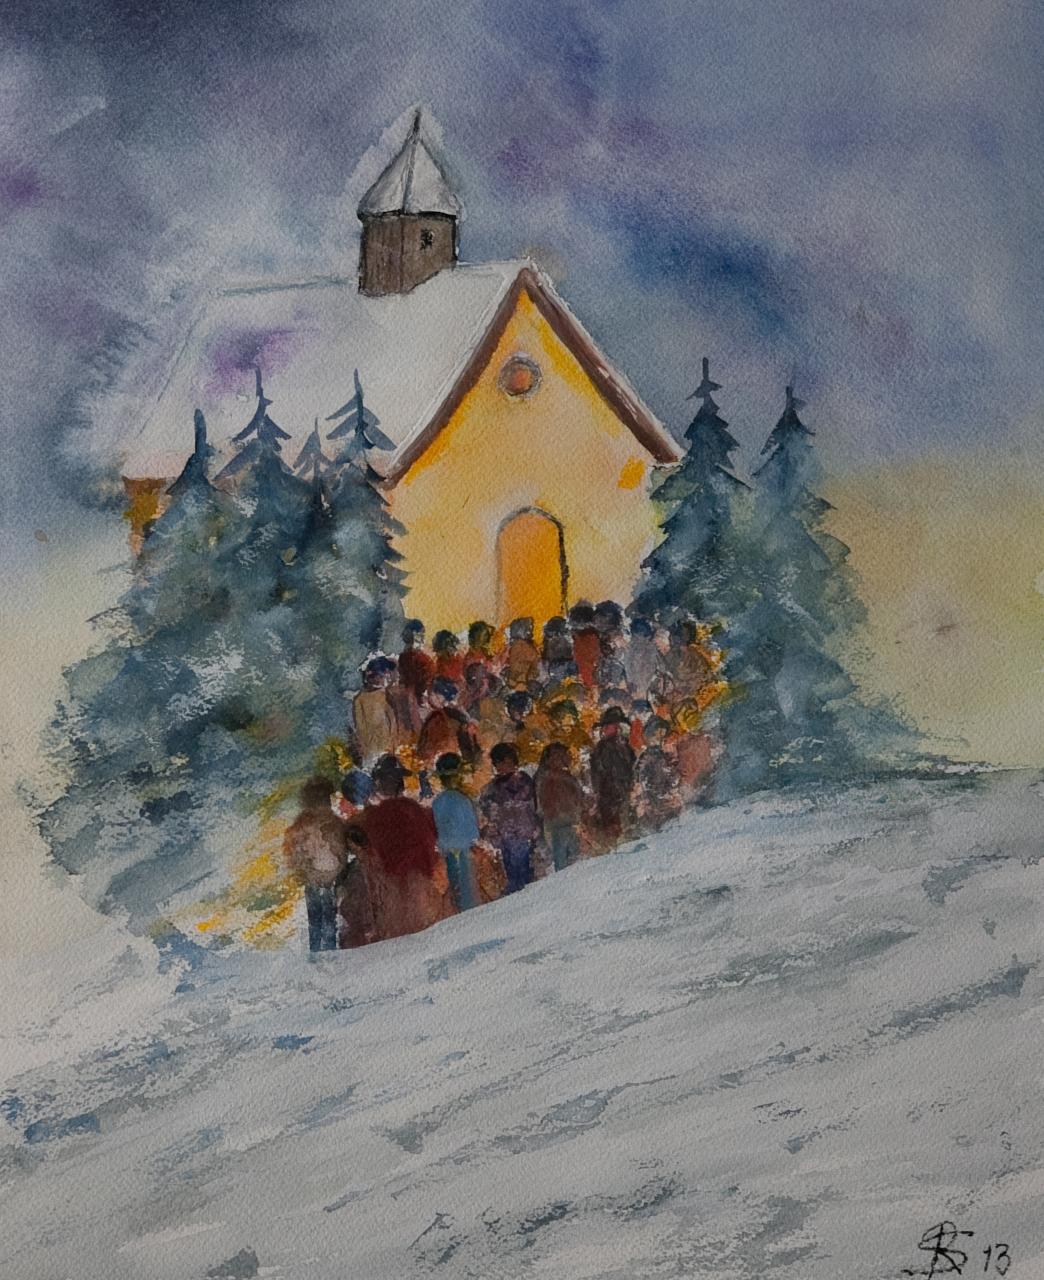 Galerie rudi springer - Aquarell weihnachten ...